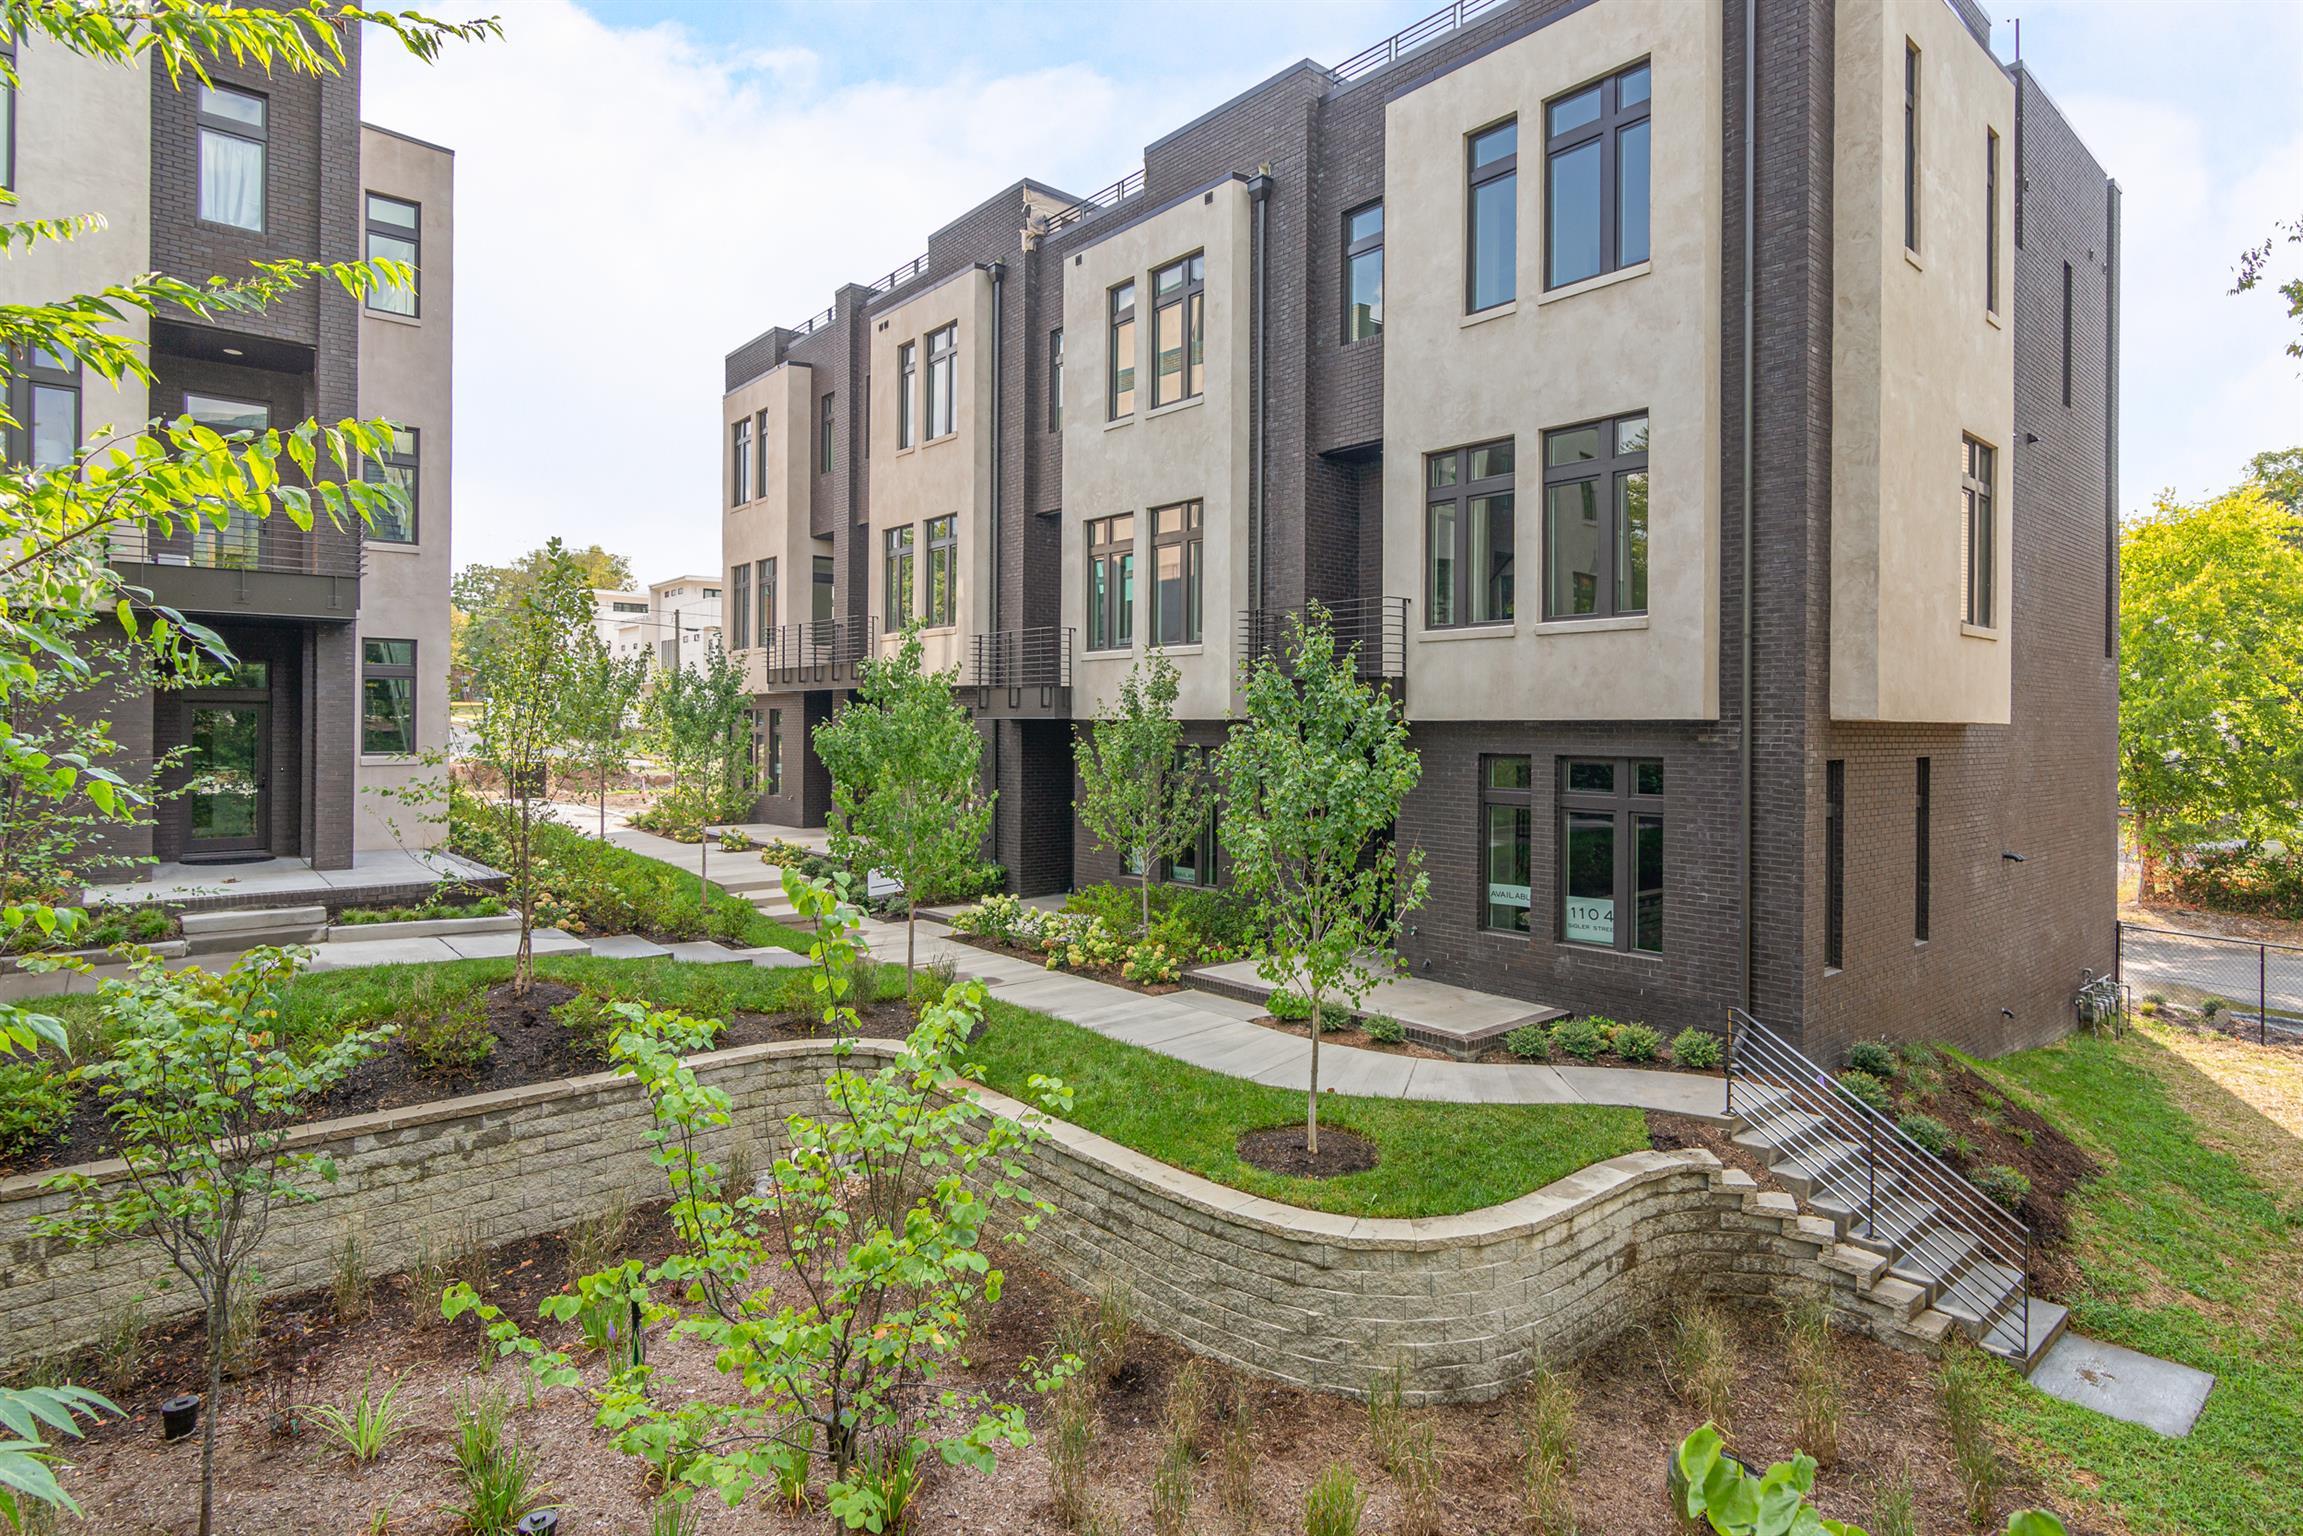 1108 Sigler St, Nashville, TN 37203 - Nashville, TN real estate listing